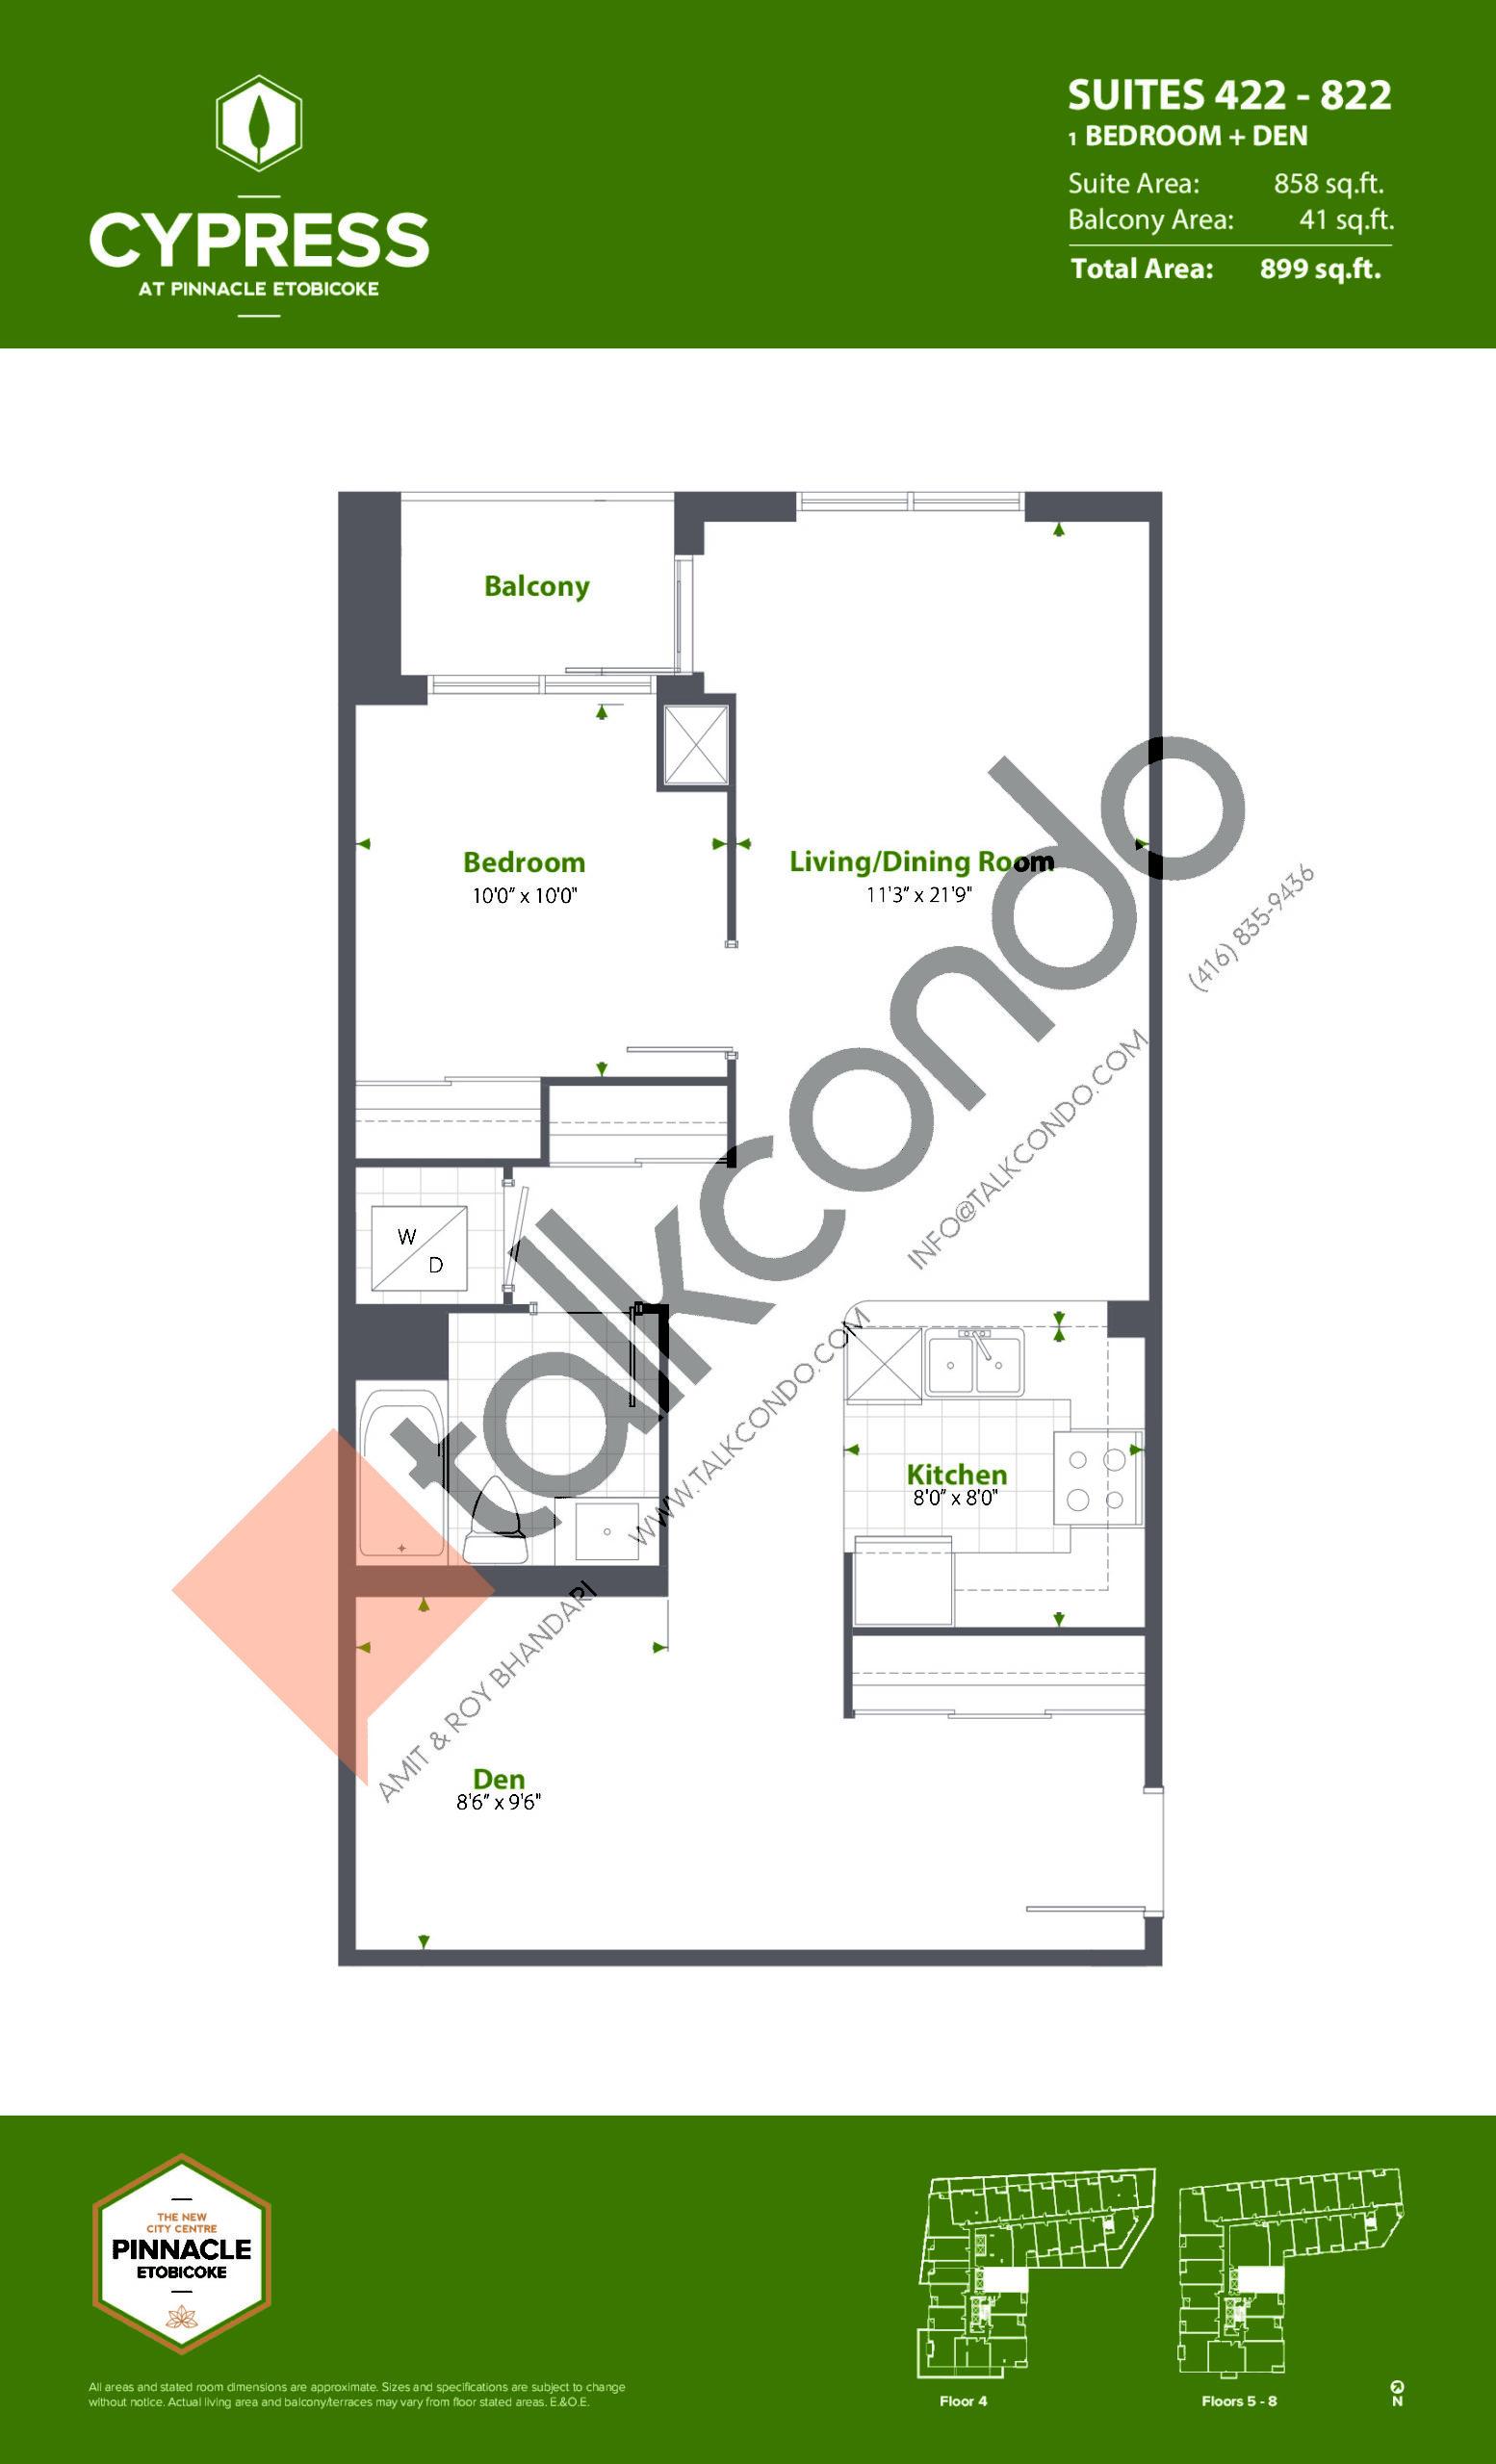 Suites 422 - 822 (Podium) Floor Plan at Cypress at Pinnacle Etobicoke - 858 sq.ft